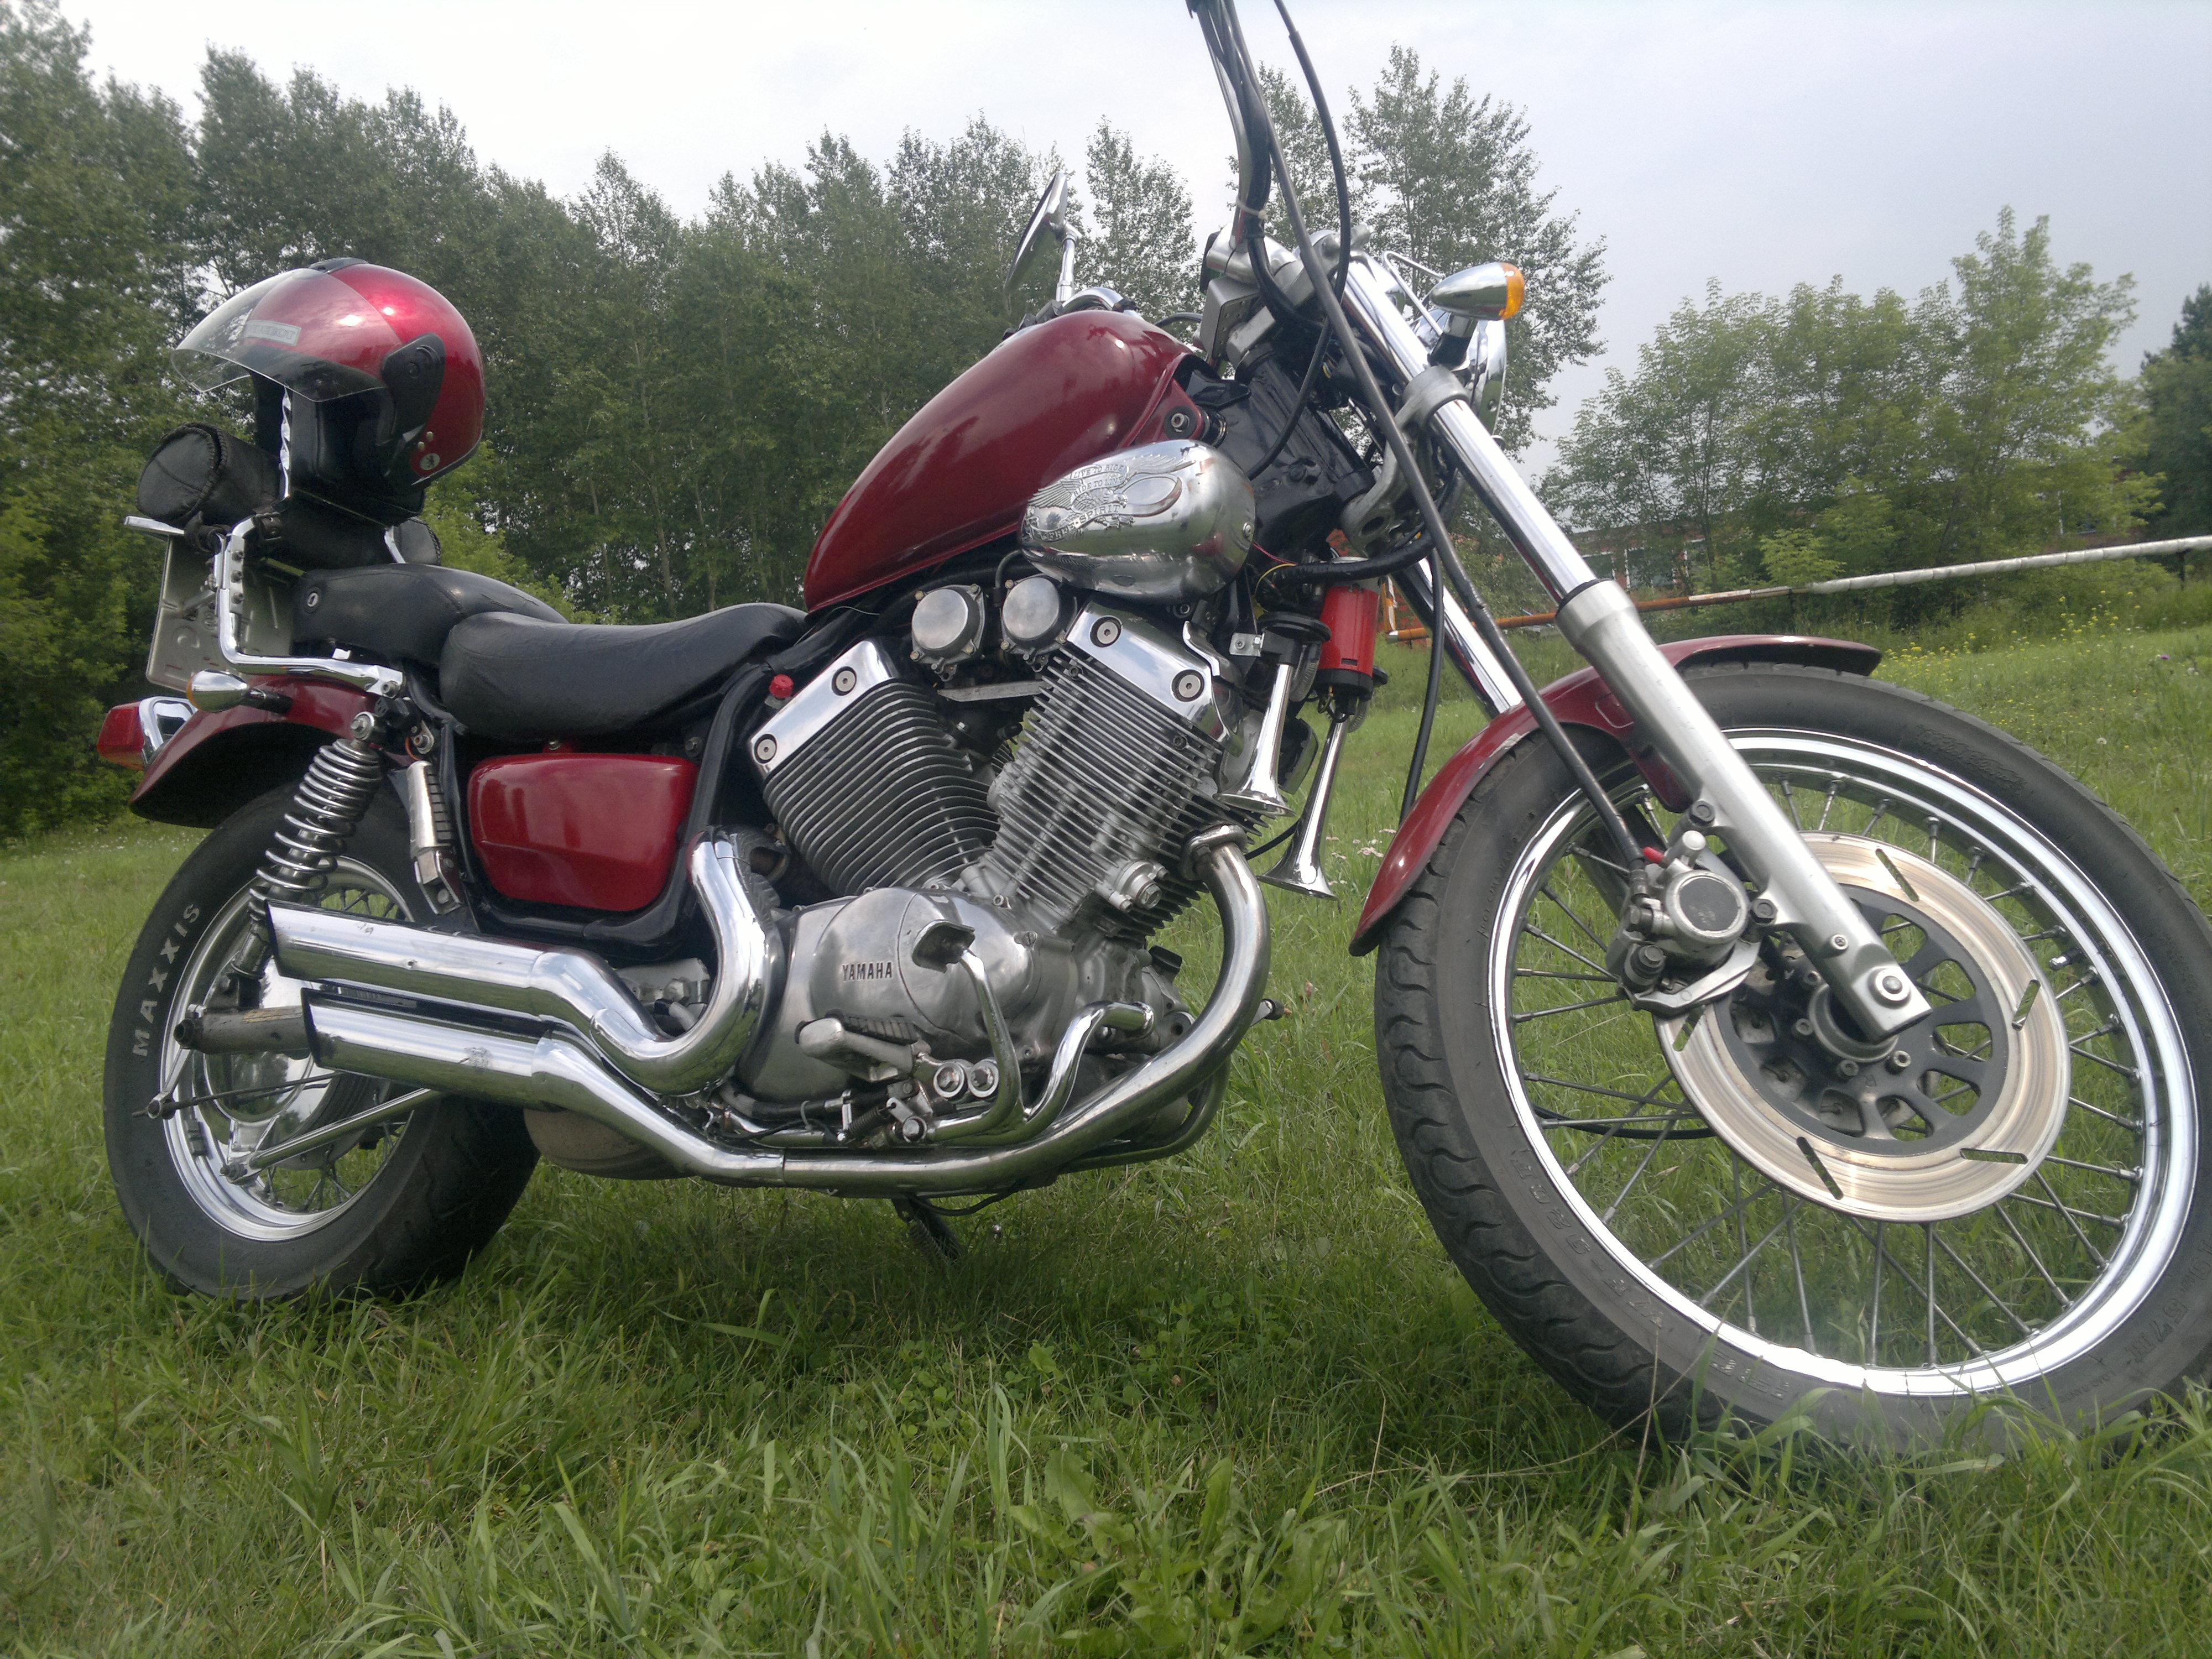 Запчасти для мотоциклов yamaha, 1999 года, virago 535